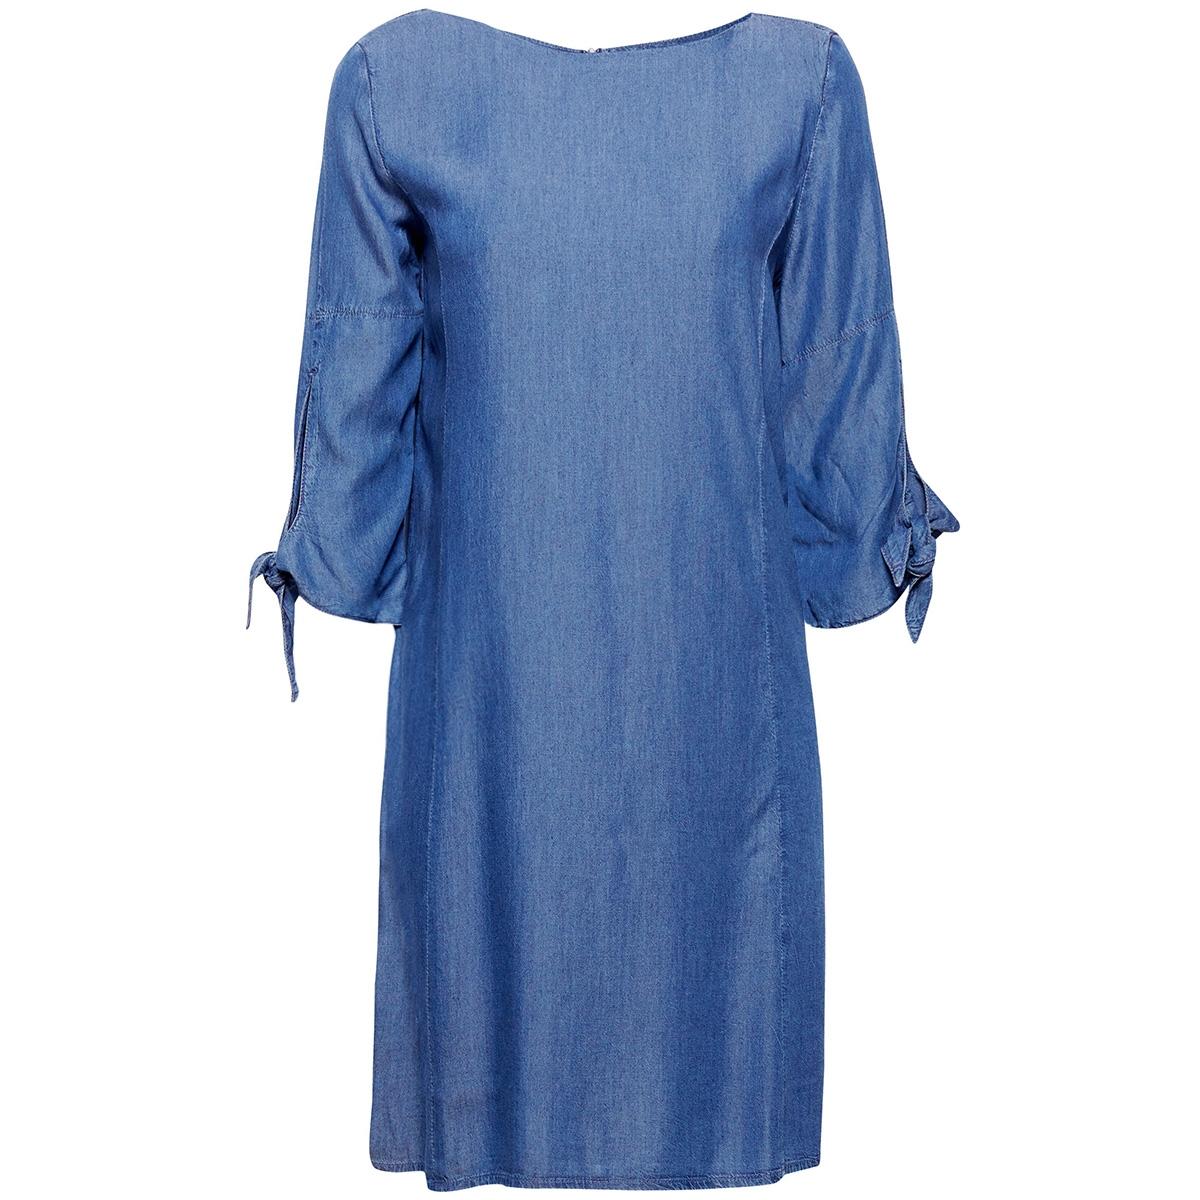 denim jurk 049ee1e021 esprit jurk e902